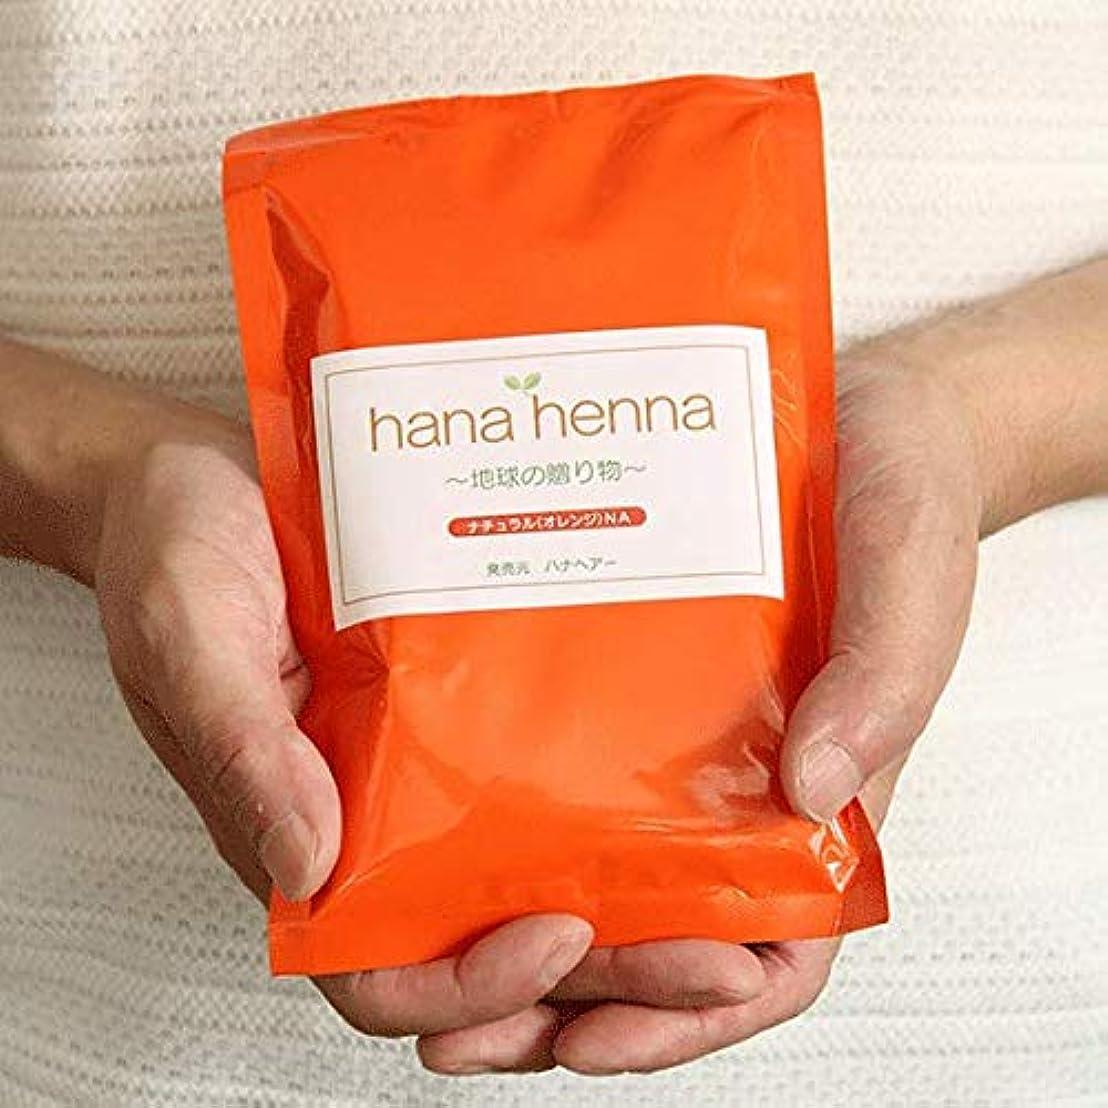 増加する決定的装置?hana henna?ハナヘナ ナチュラル(オレンジ) 500g